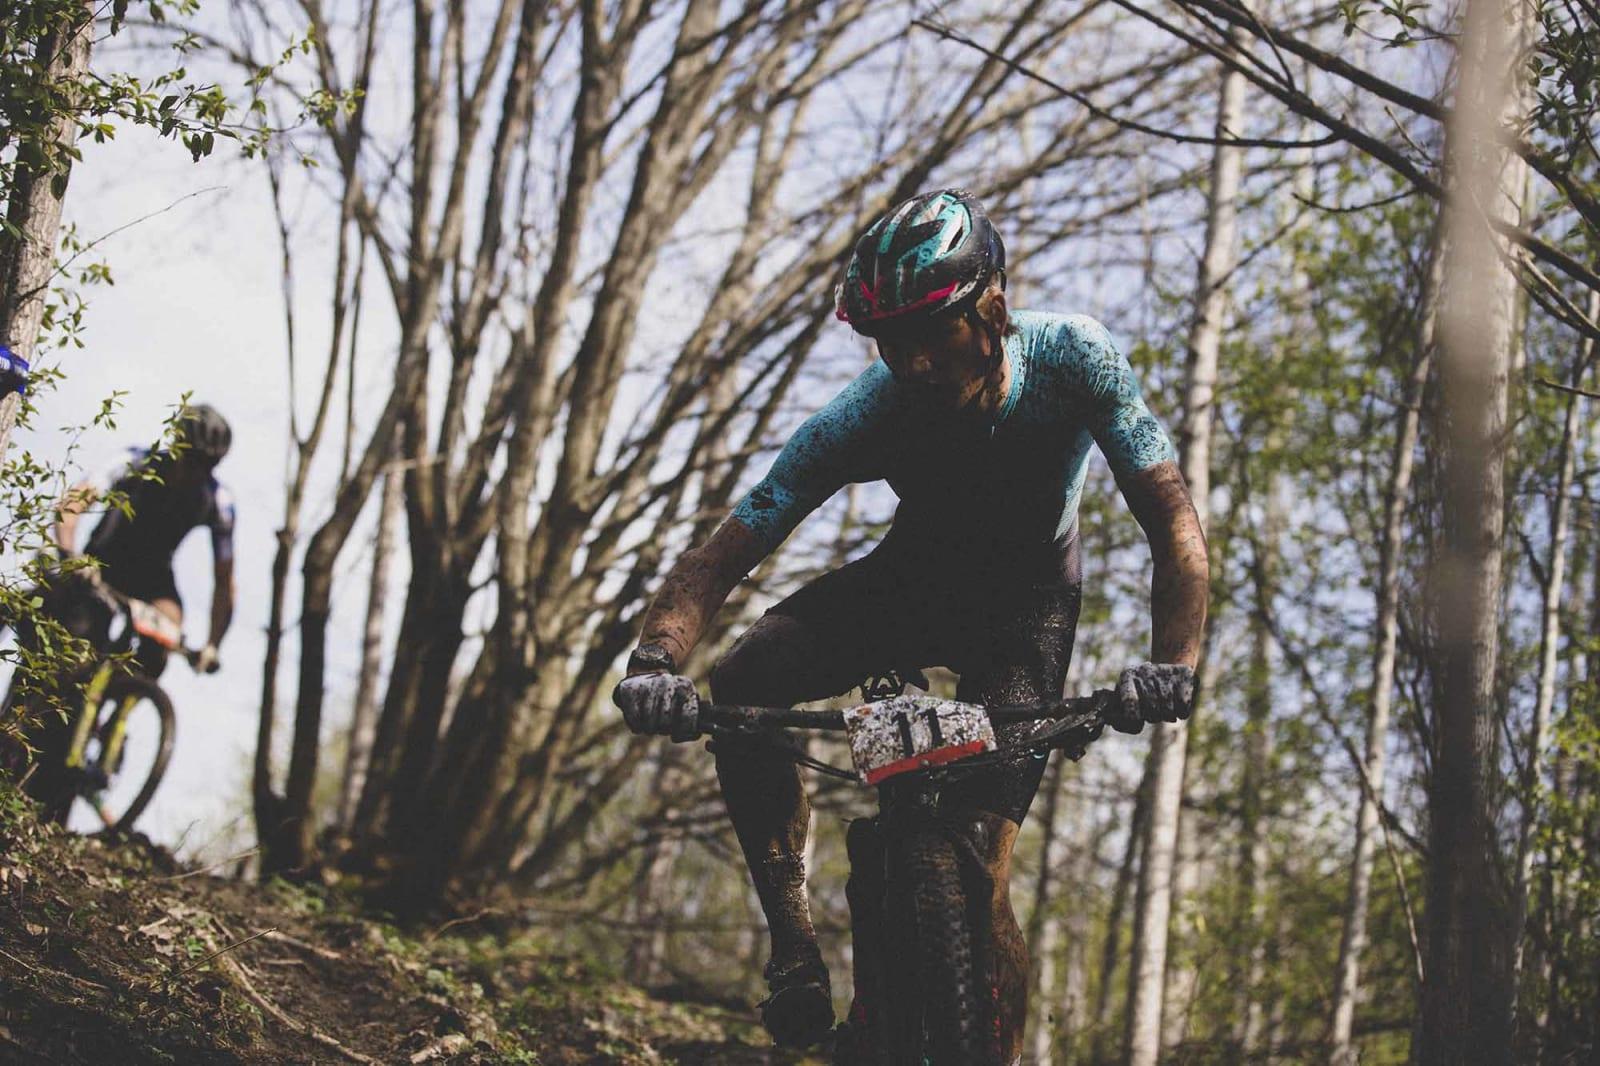 BALANSE: Knut Røhme har fokus på å holde seg på sykkelen i ei sleip utforkjøring.